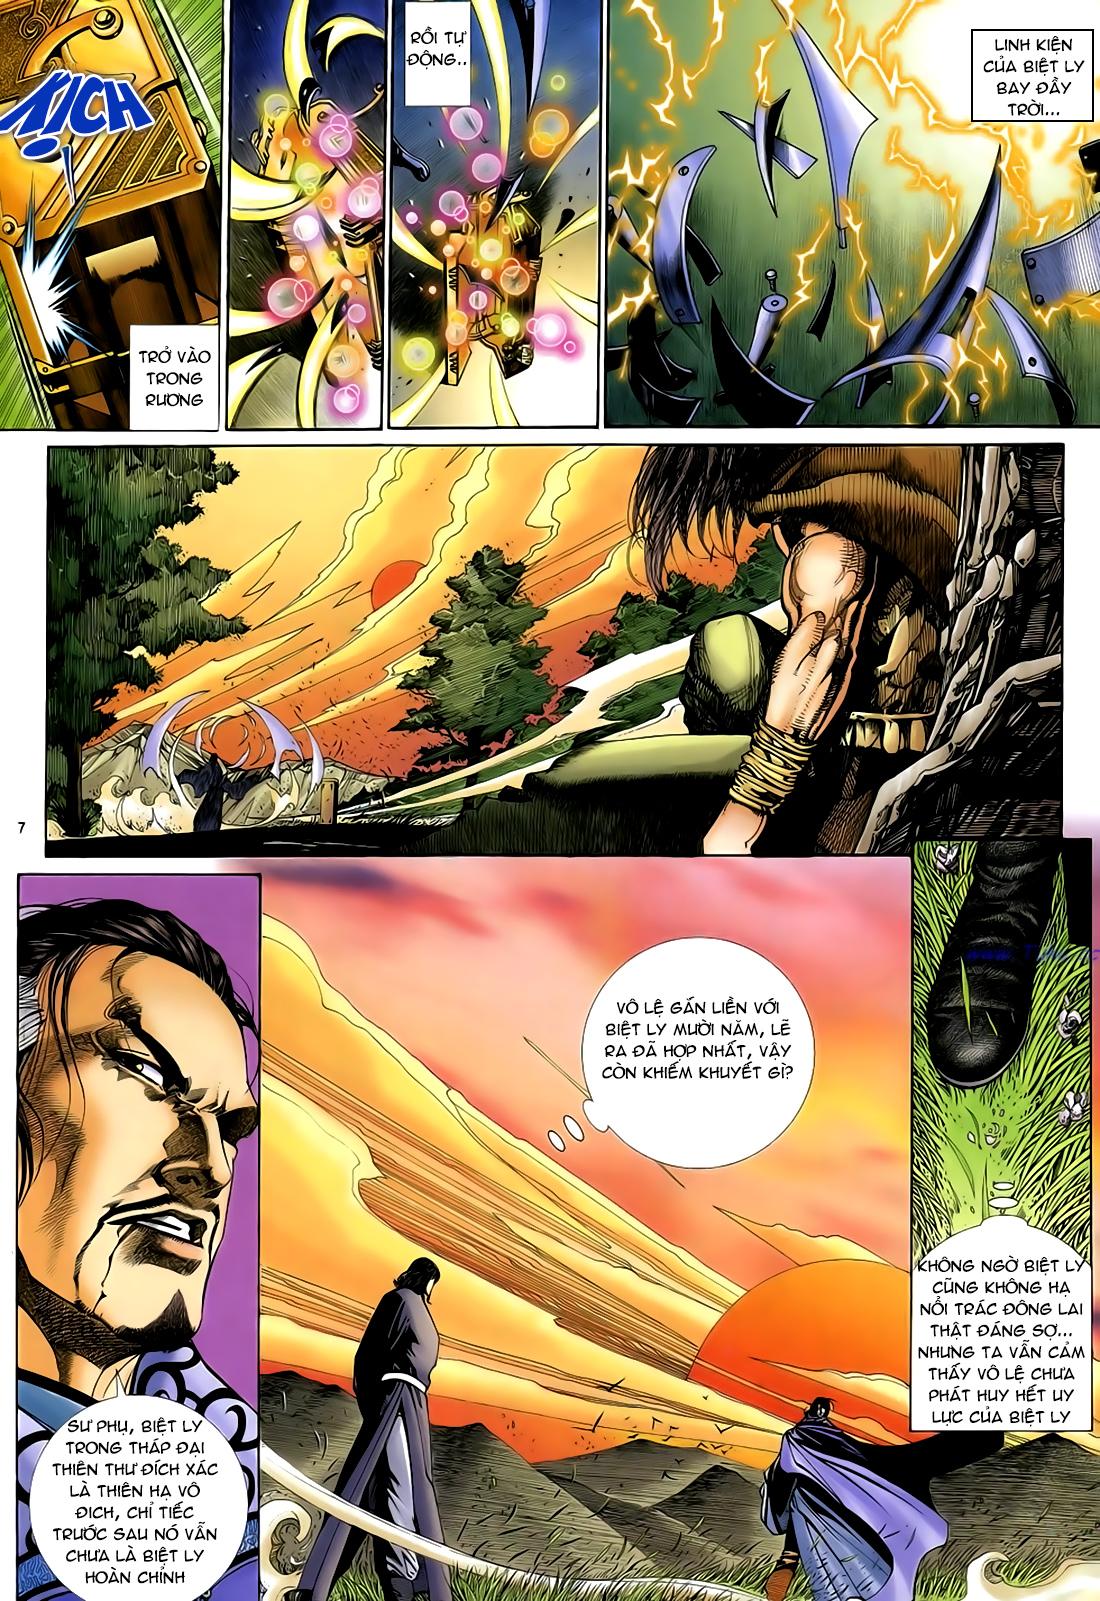 Anh hùng vô lệ Chap 29 trang 8